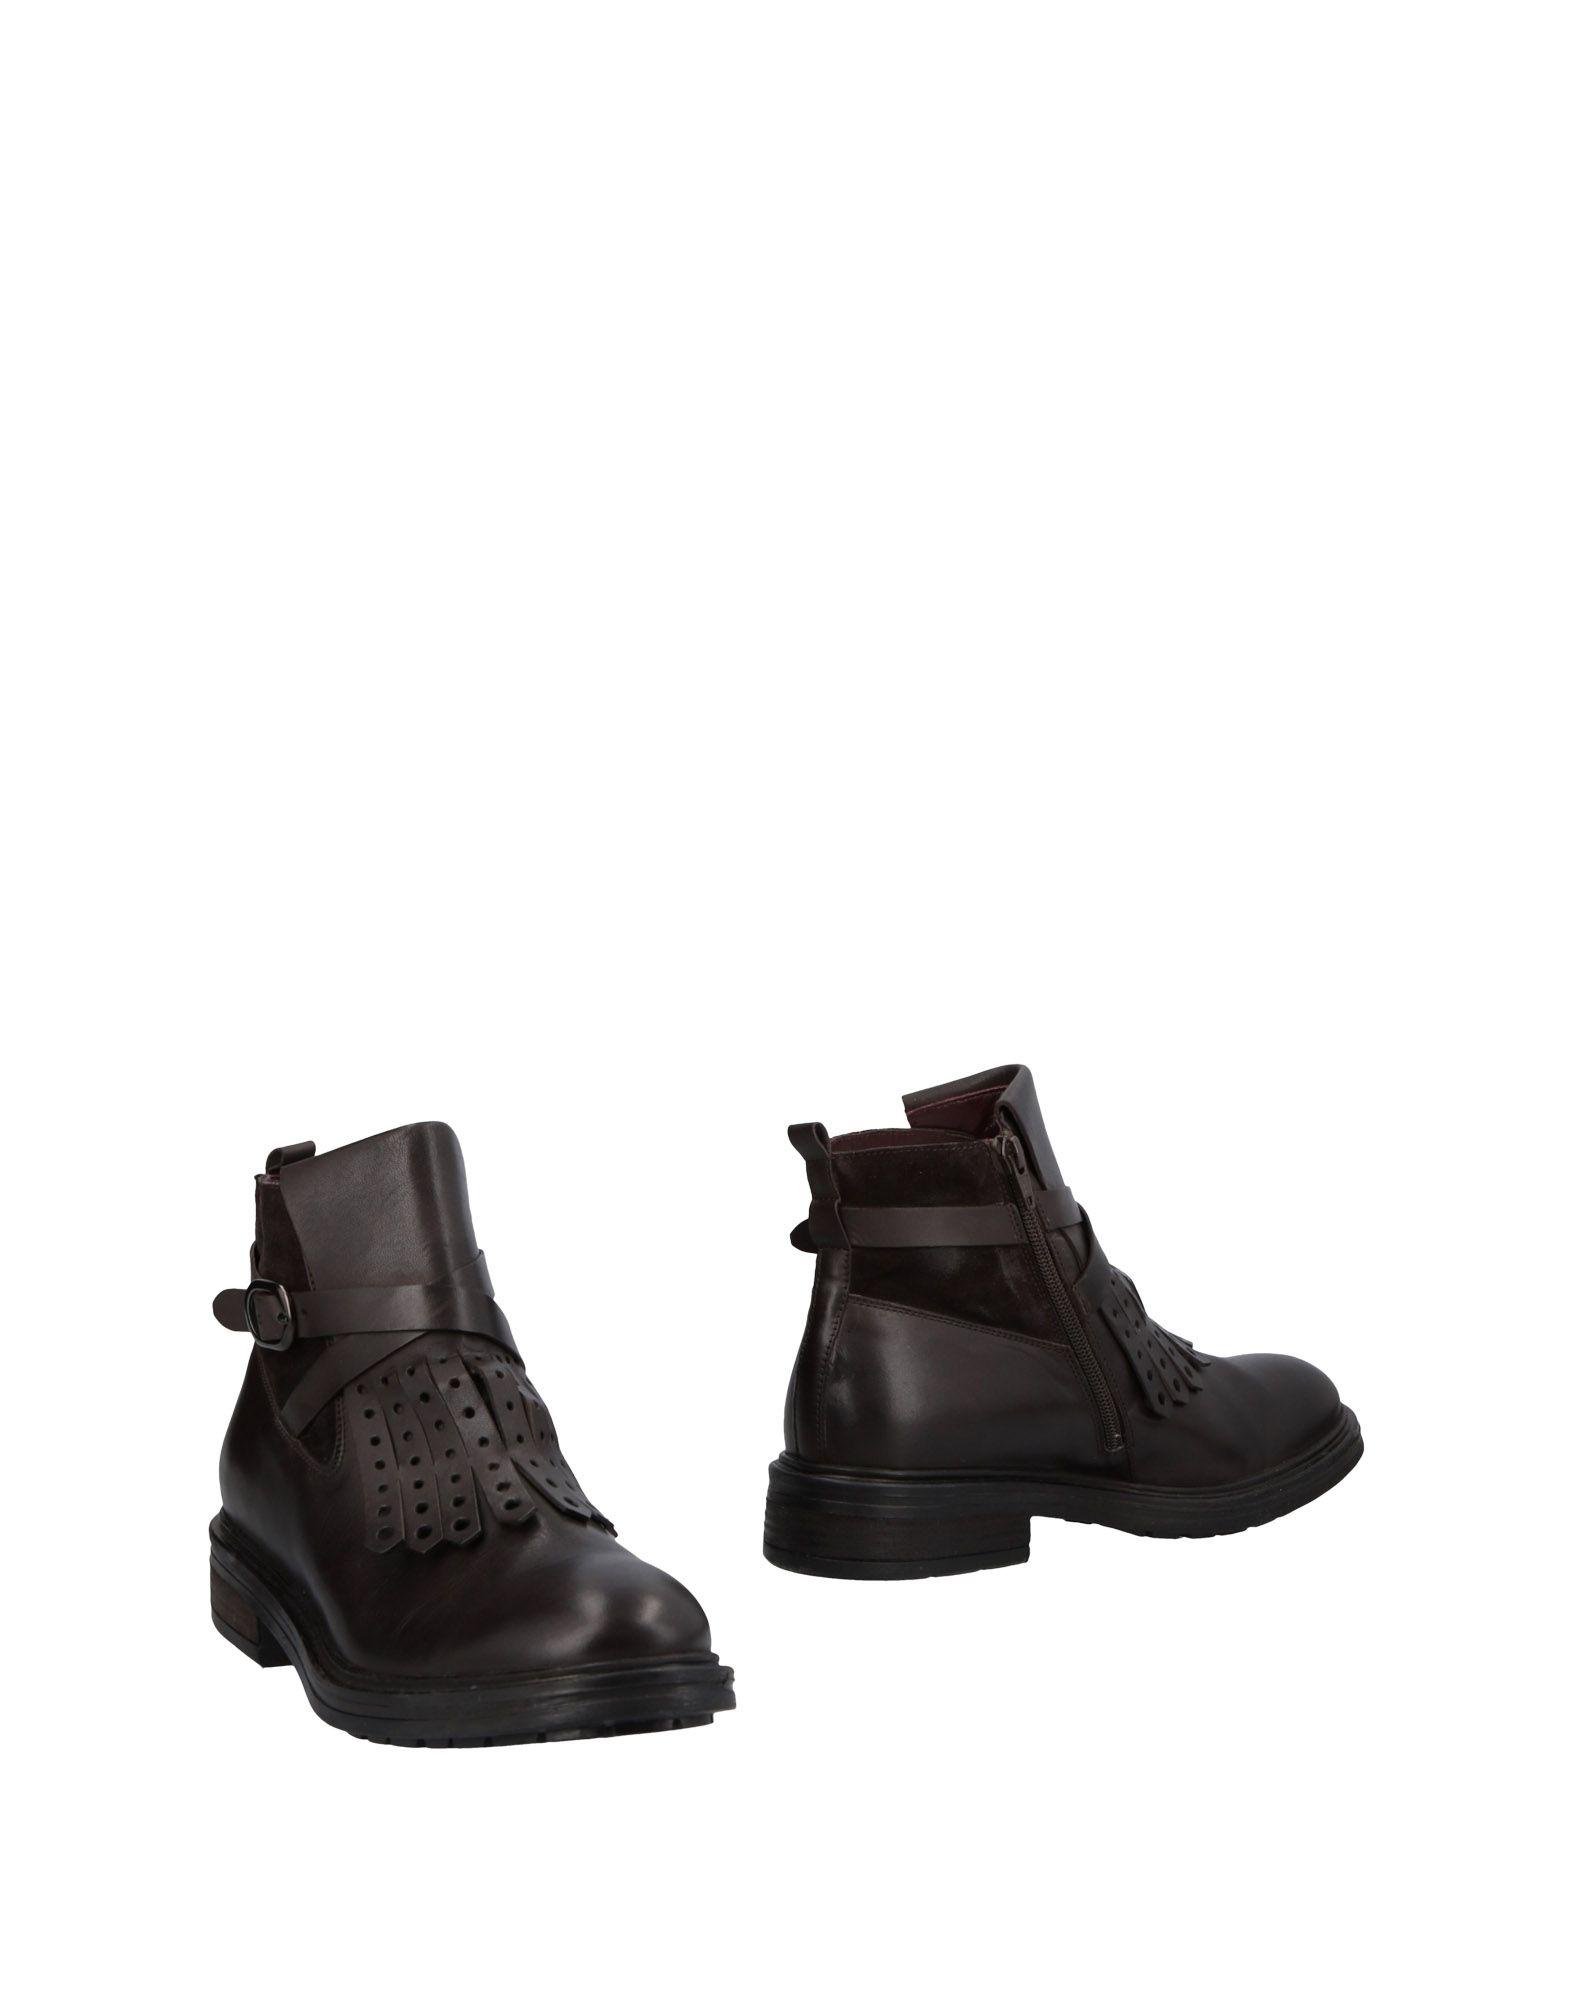 Cuoieria Stiefelette Damen  Gute 11484641PS Gute  Qualität beliebte Schuhe 3c4320